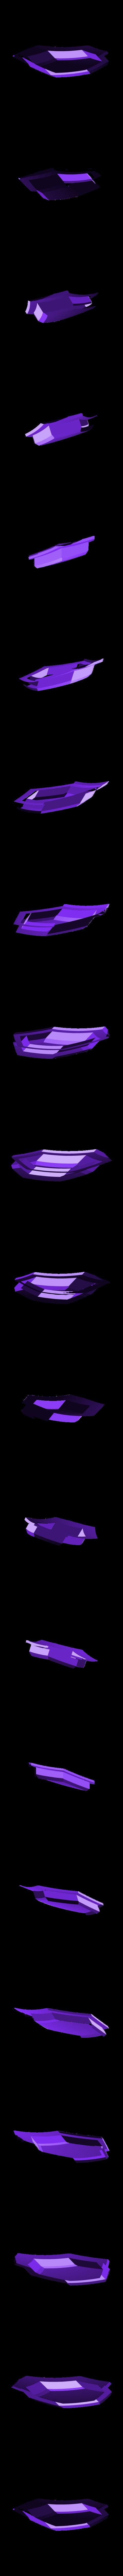 gem1.stl Télécharger fichier STL gratuit Thunder Helm - Zelda Breath of The Wild • Plan pour imprimante 3D, Adafruit